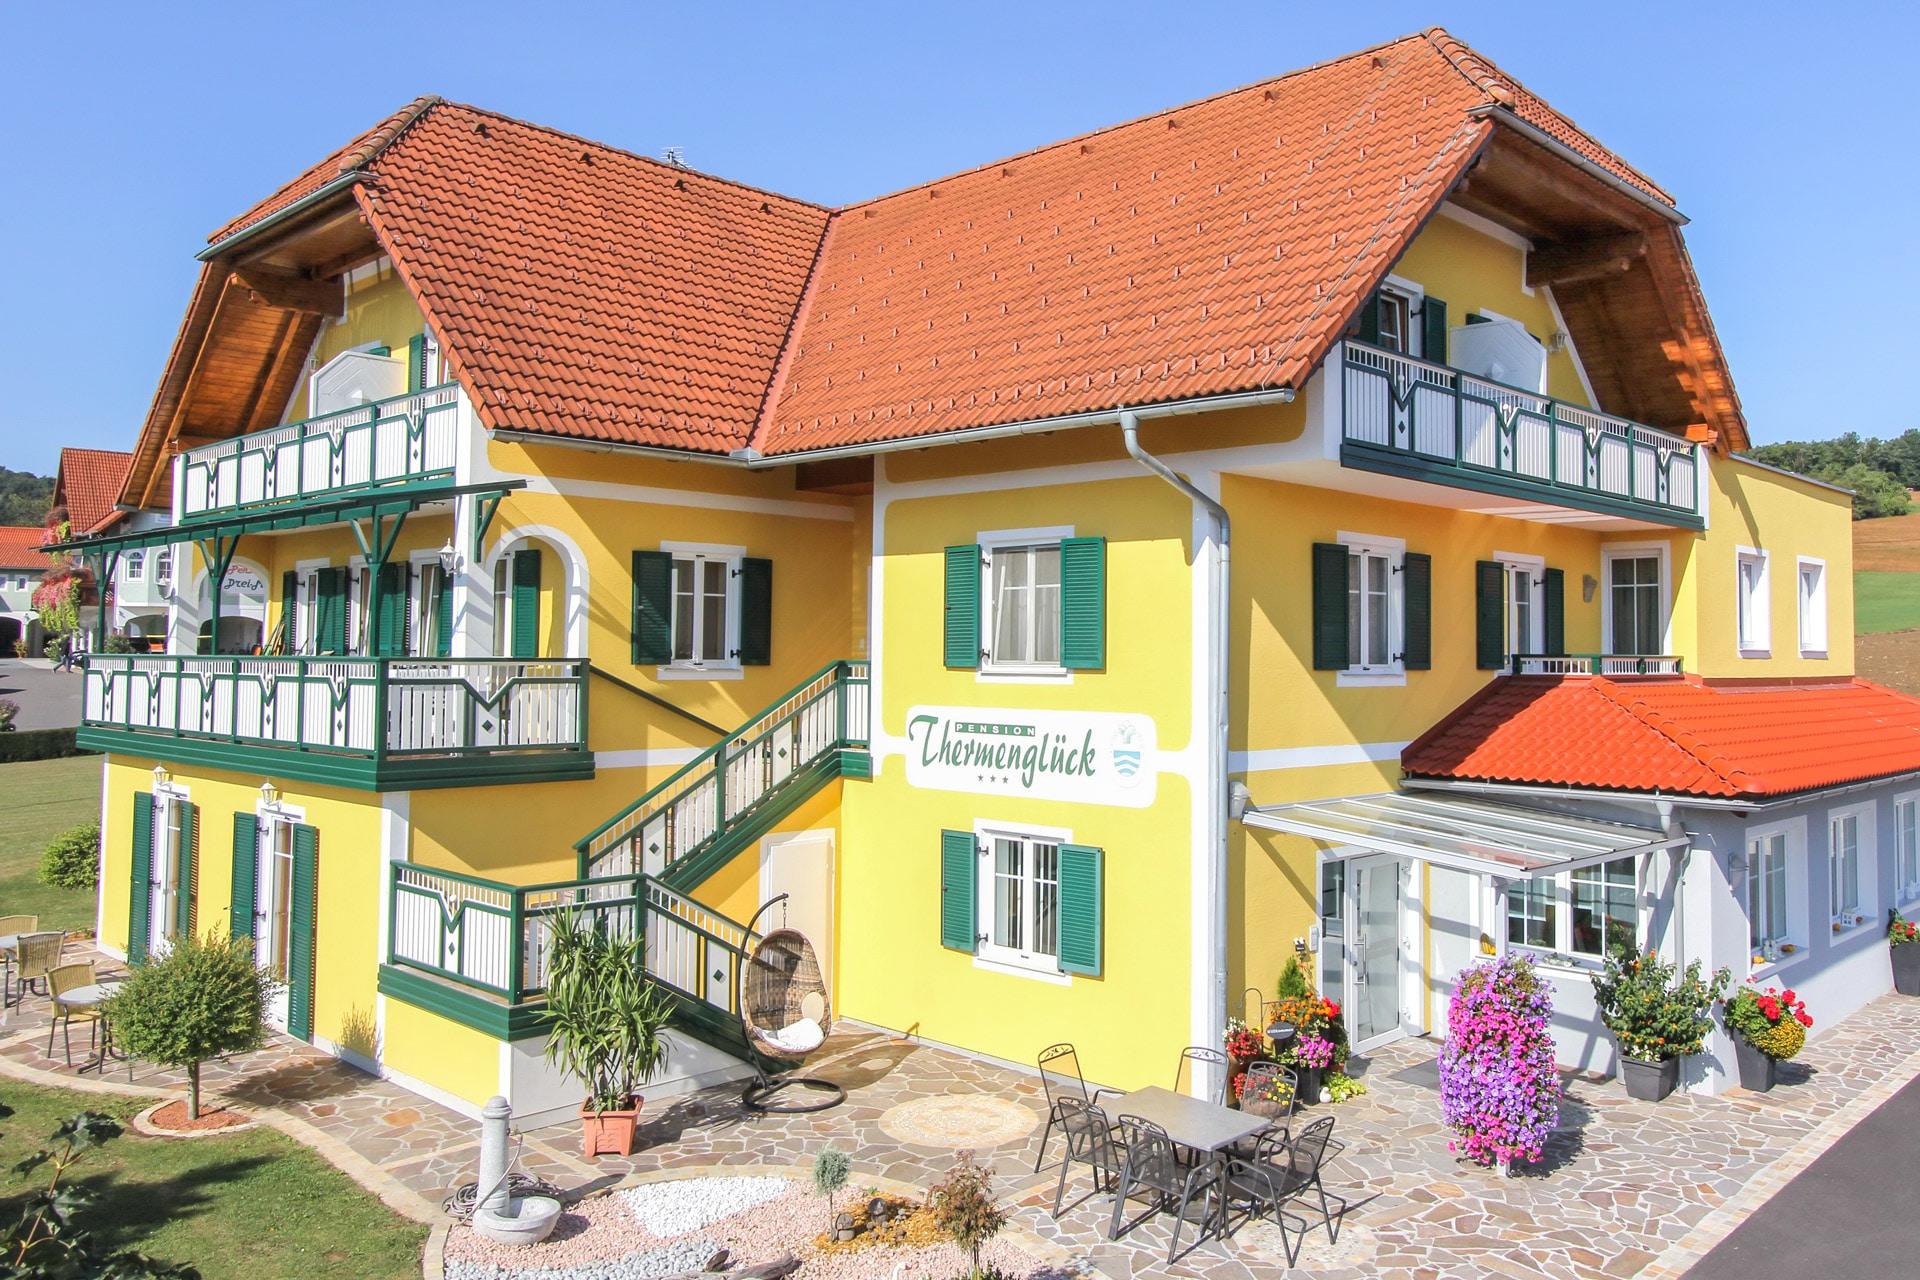 Unterlamm 01 | grün-weißer Alu-Balkon bei Pension bzw. Hotel mit Latten & Stäben senkrecht | Svoboda